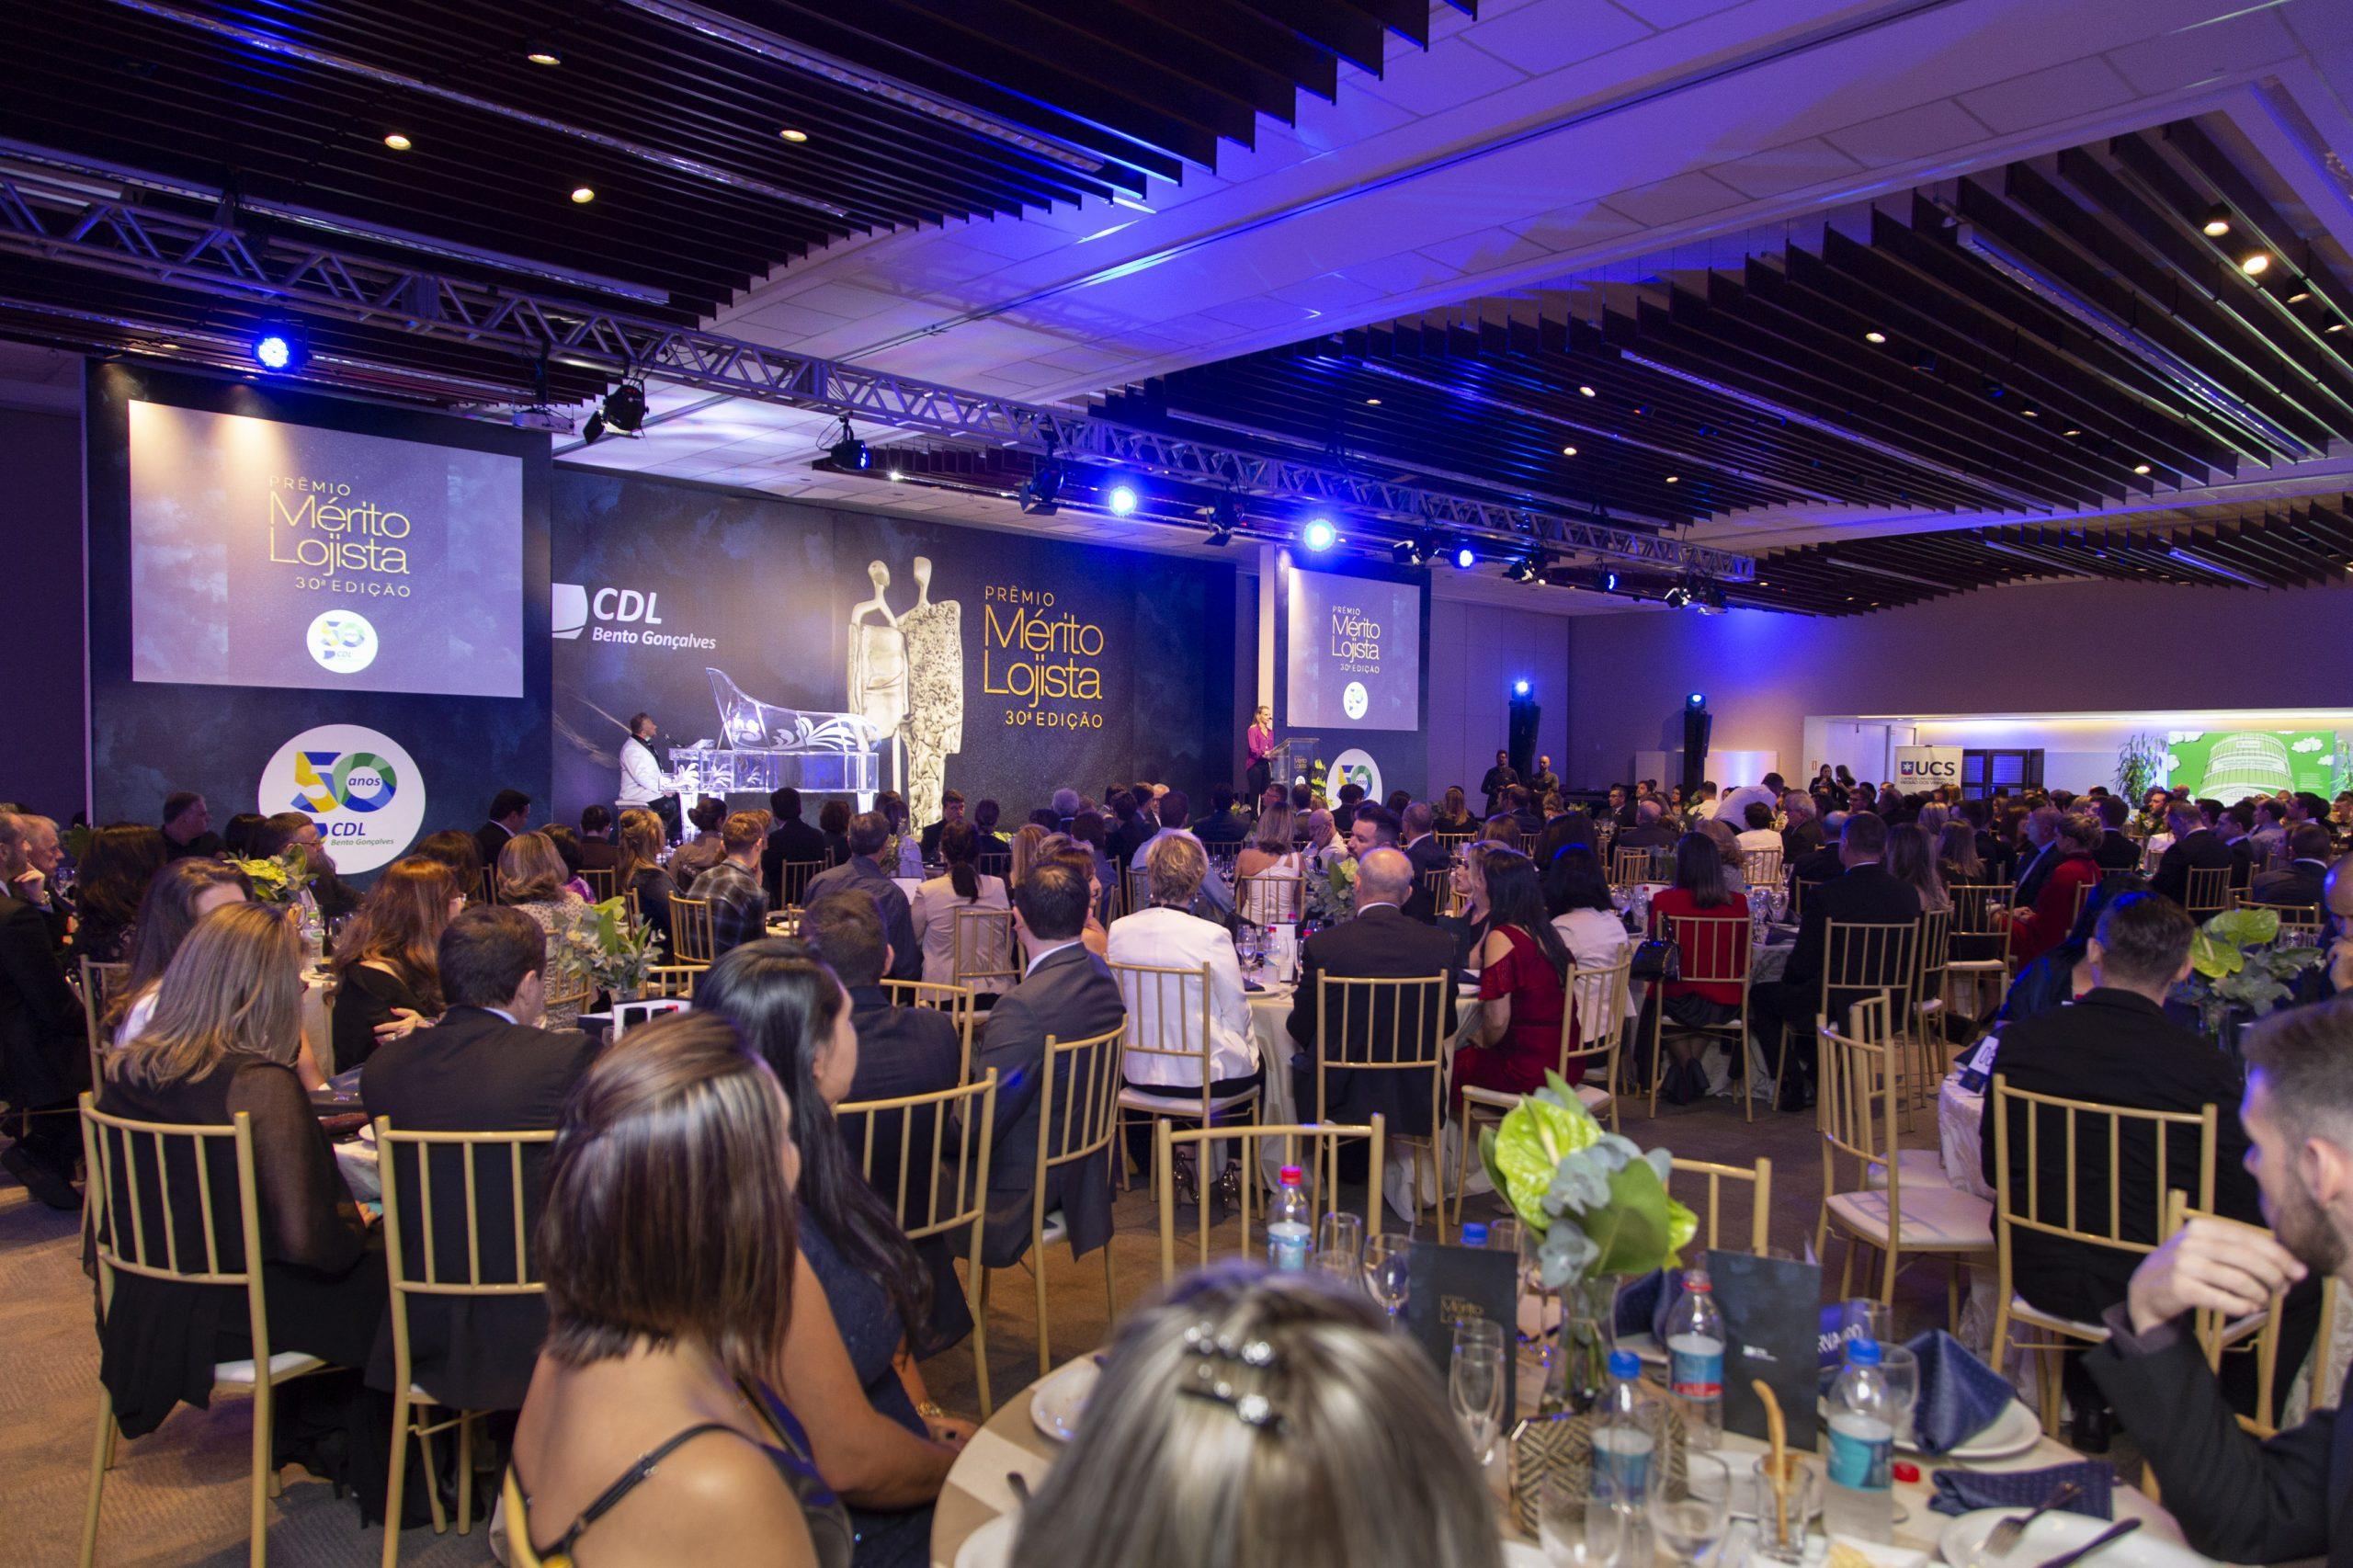 Prêmio Mérito Lojista Da CDL-BG Recebe Inscrições Para 31ª Edição